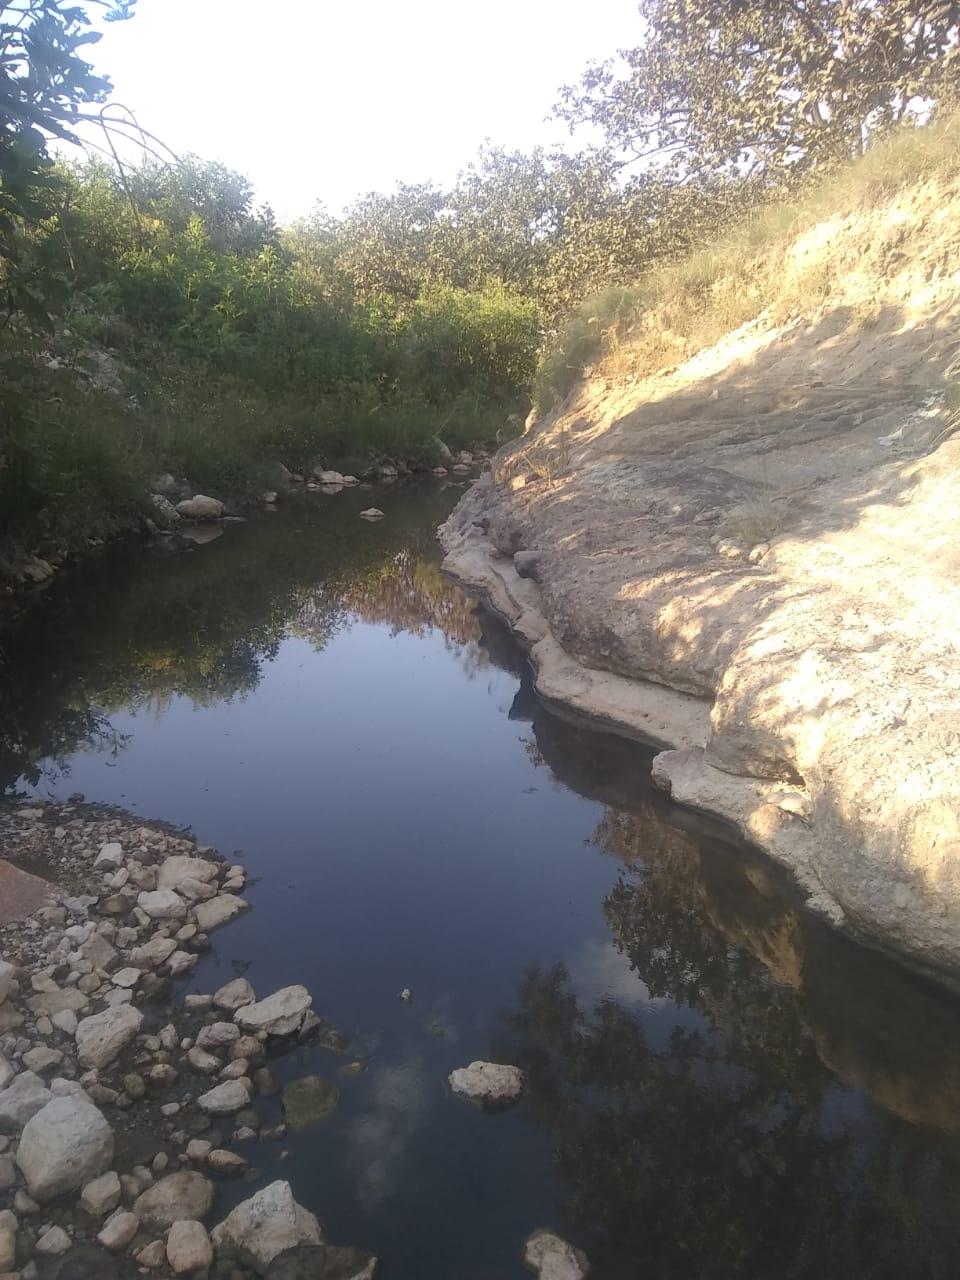 Piden al Gobernador que sanee seis ríos de Zapopan, contaminados por basureros, granjas y fraccionamientos (Jalisco)